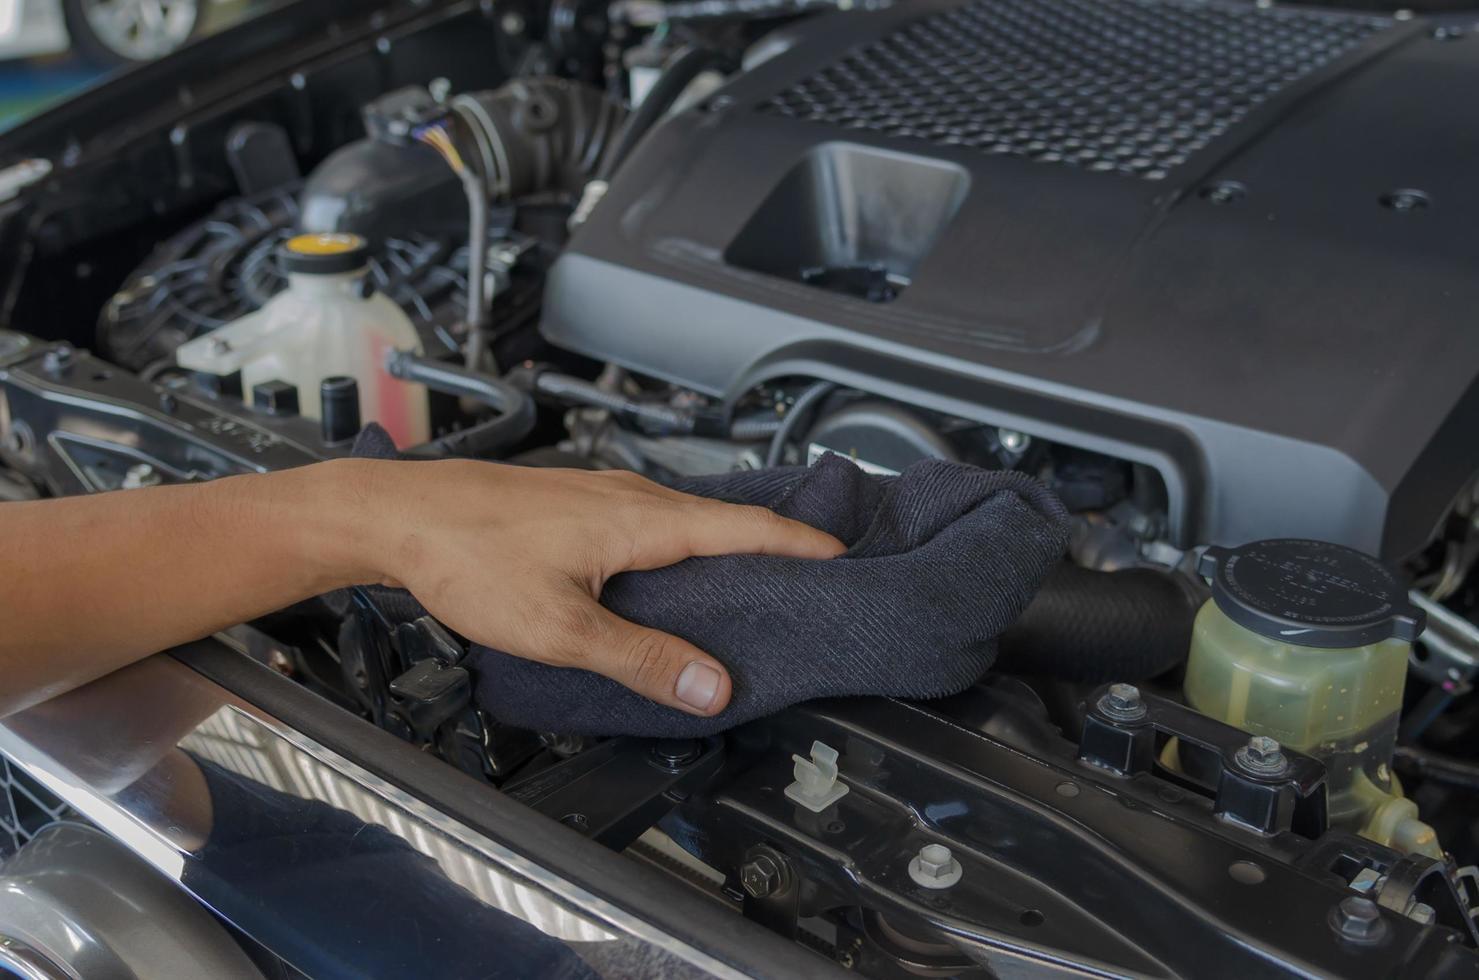 Der Mechaniker überprüft und reinigt den Motor des Autos foto